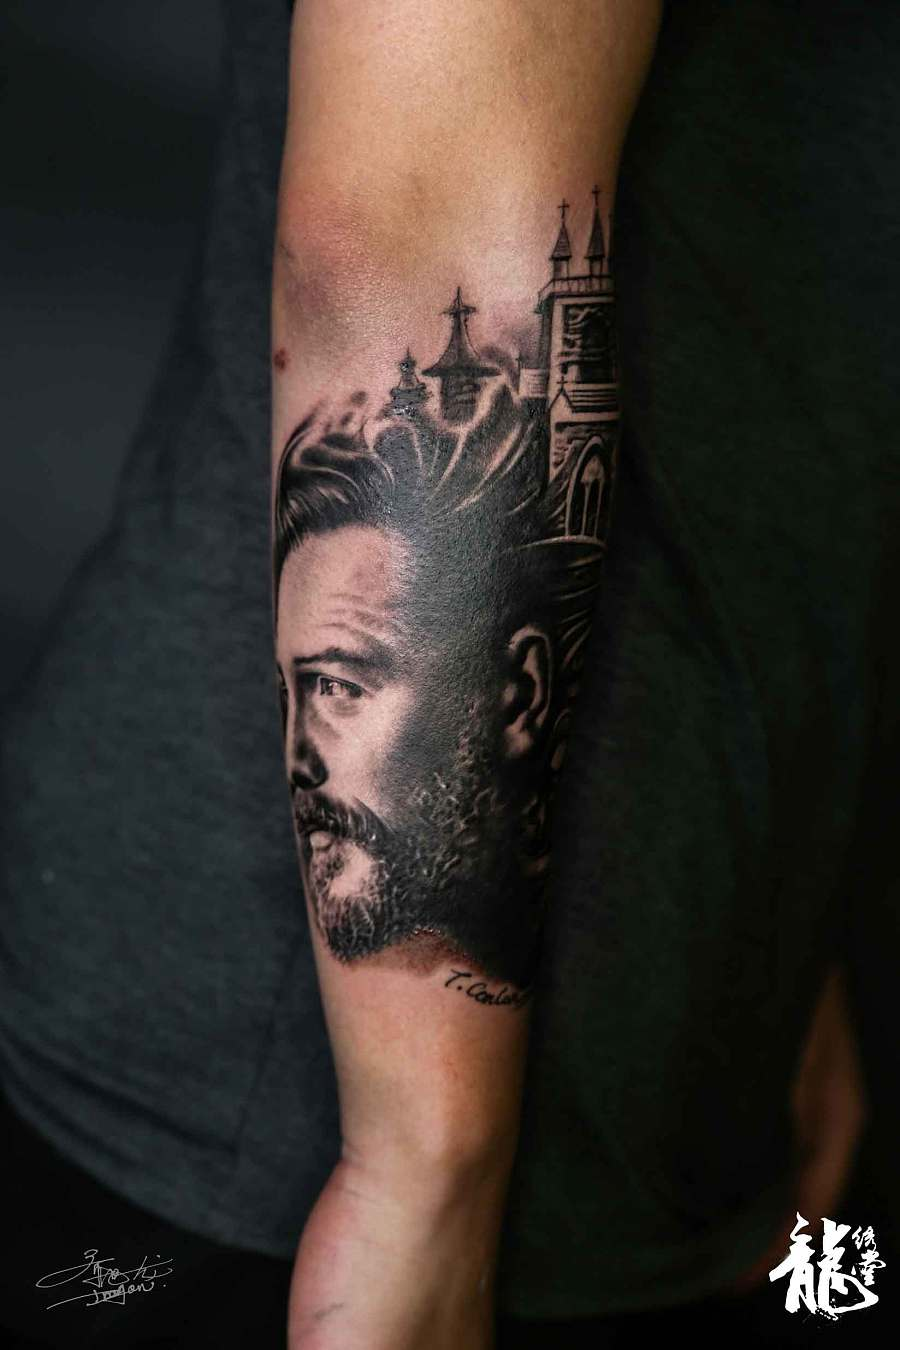 小臂创意人物古堡暗黑写实风格纹身|手办/原型图片